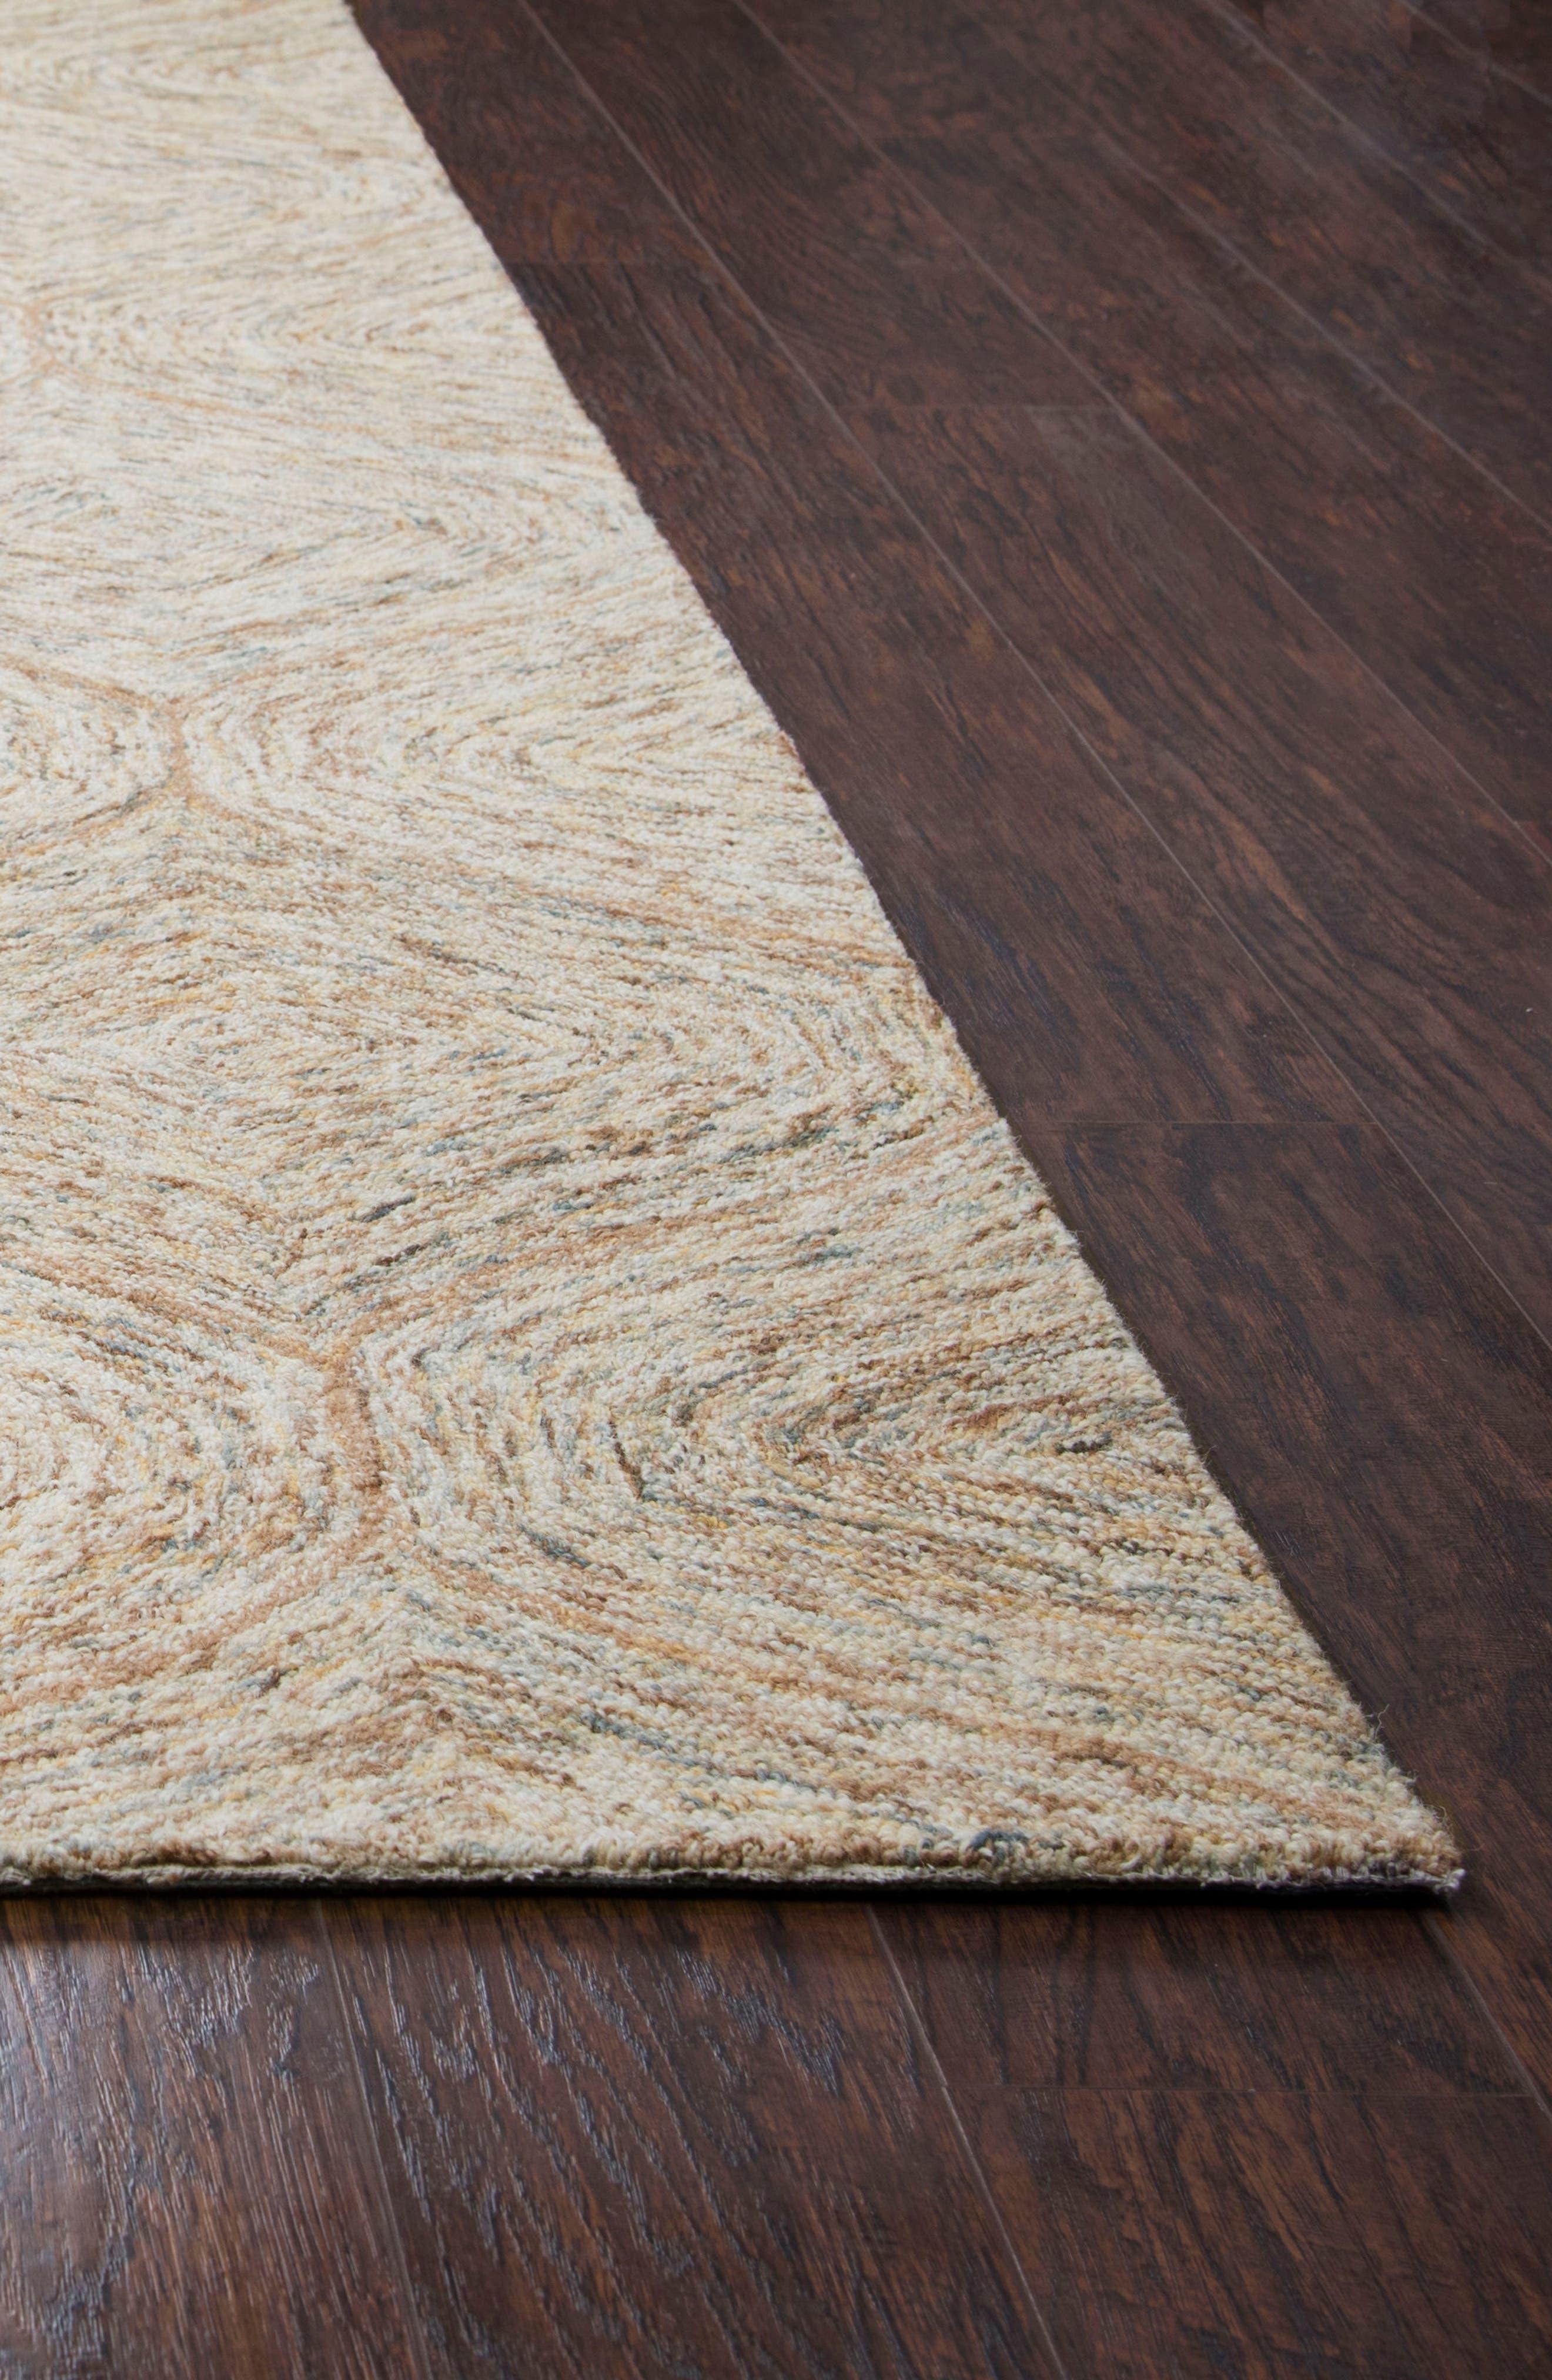 Irregular Diamond Hand Tufted Wool Area Rug,                             Alternate thumbnail 4, color,                             200